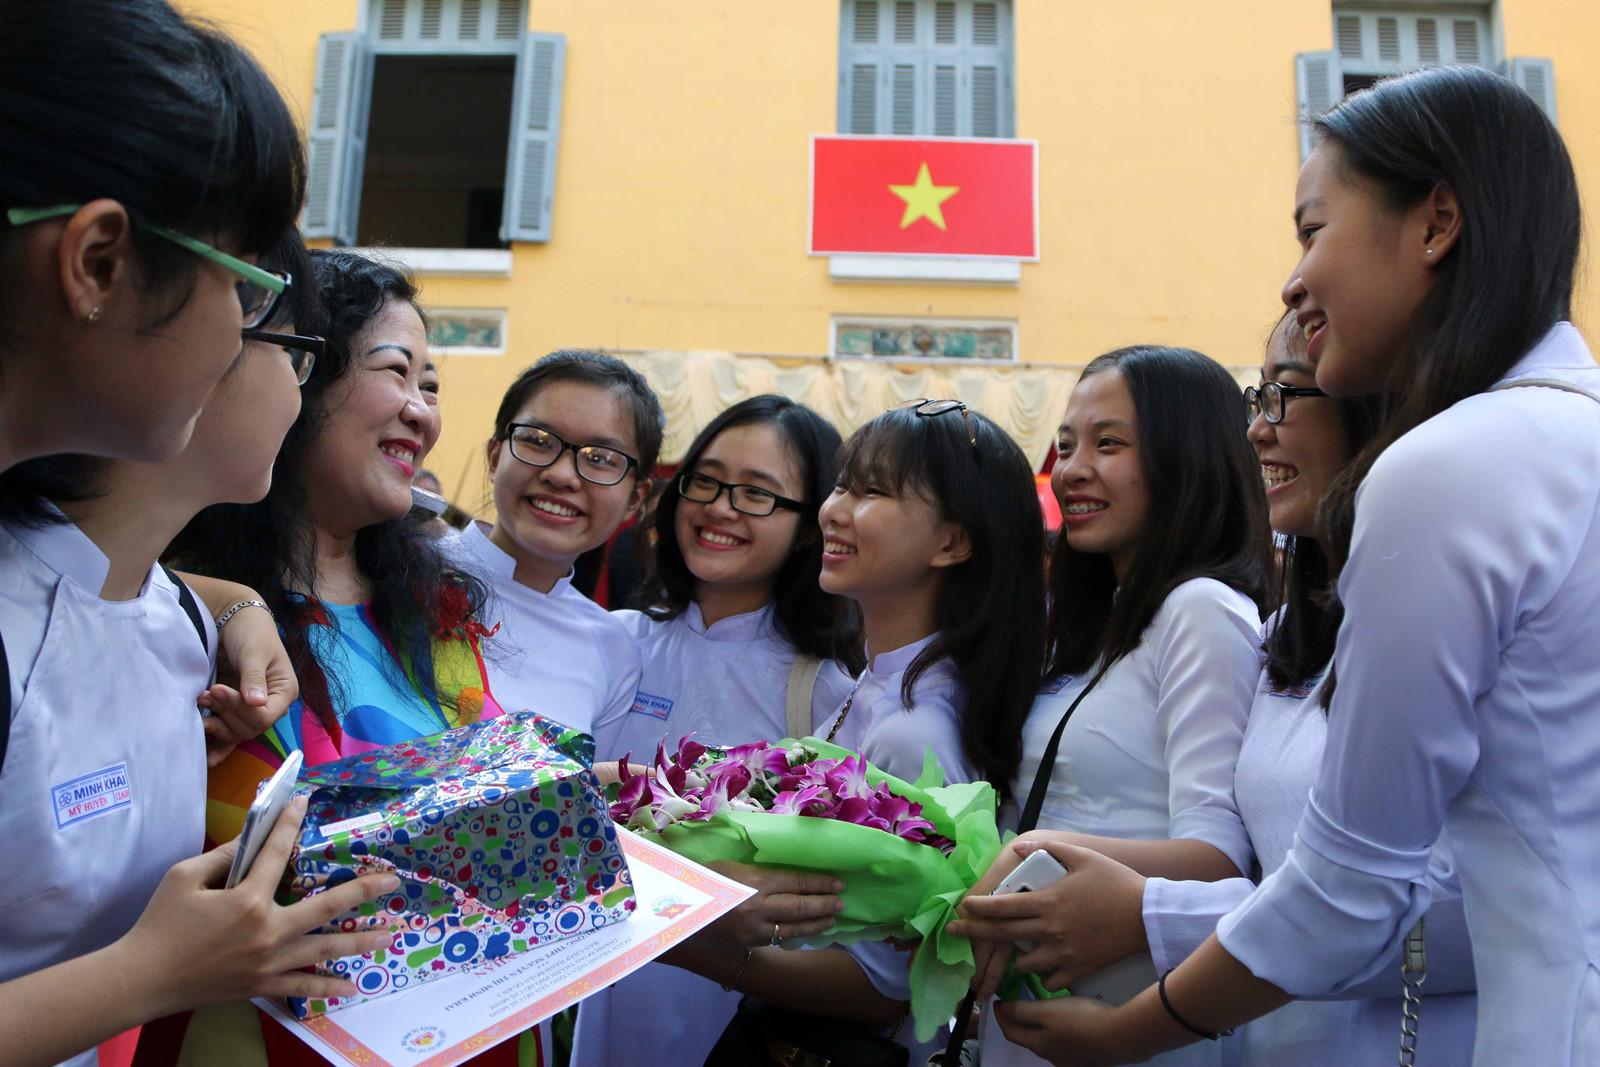 Ngày Nhà giáo Việt Nam, Lịch sử ngày 20/11, Ngày 20/11, Lời chúc ngày 20/11, nhà giáo ưu tú, nhà giáo nhân dân, ngày 20-11, ý nghĩa ngày 20/11, lời chúc ngày nhà giáo